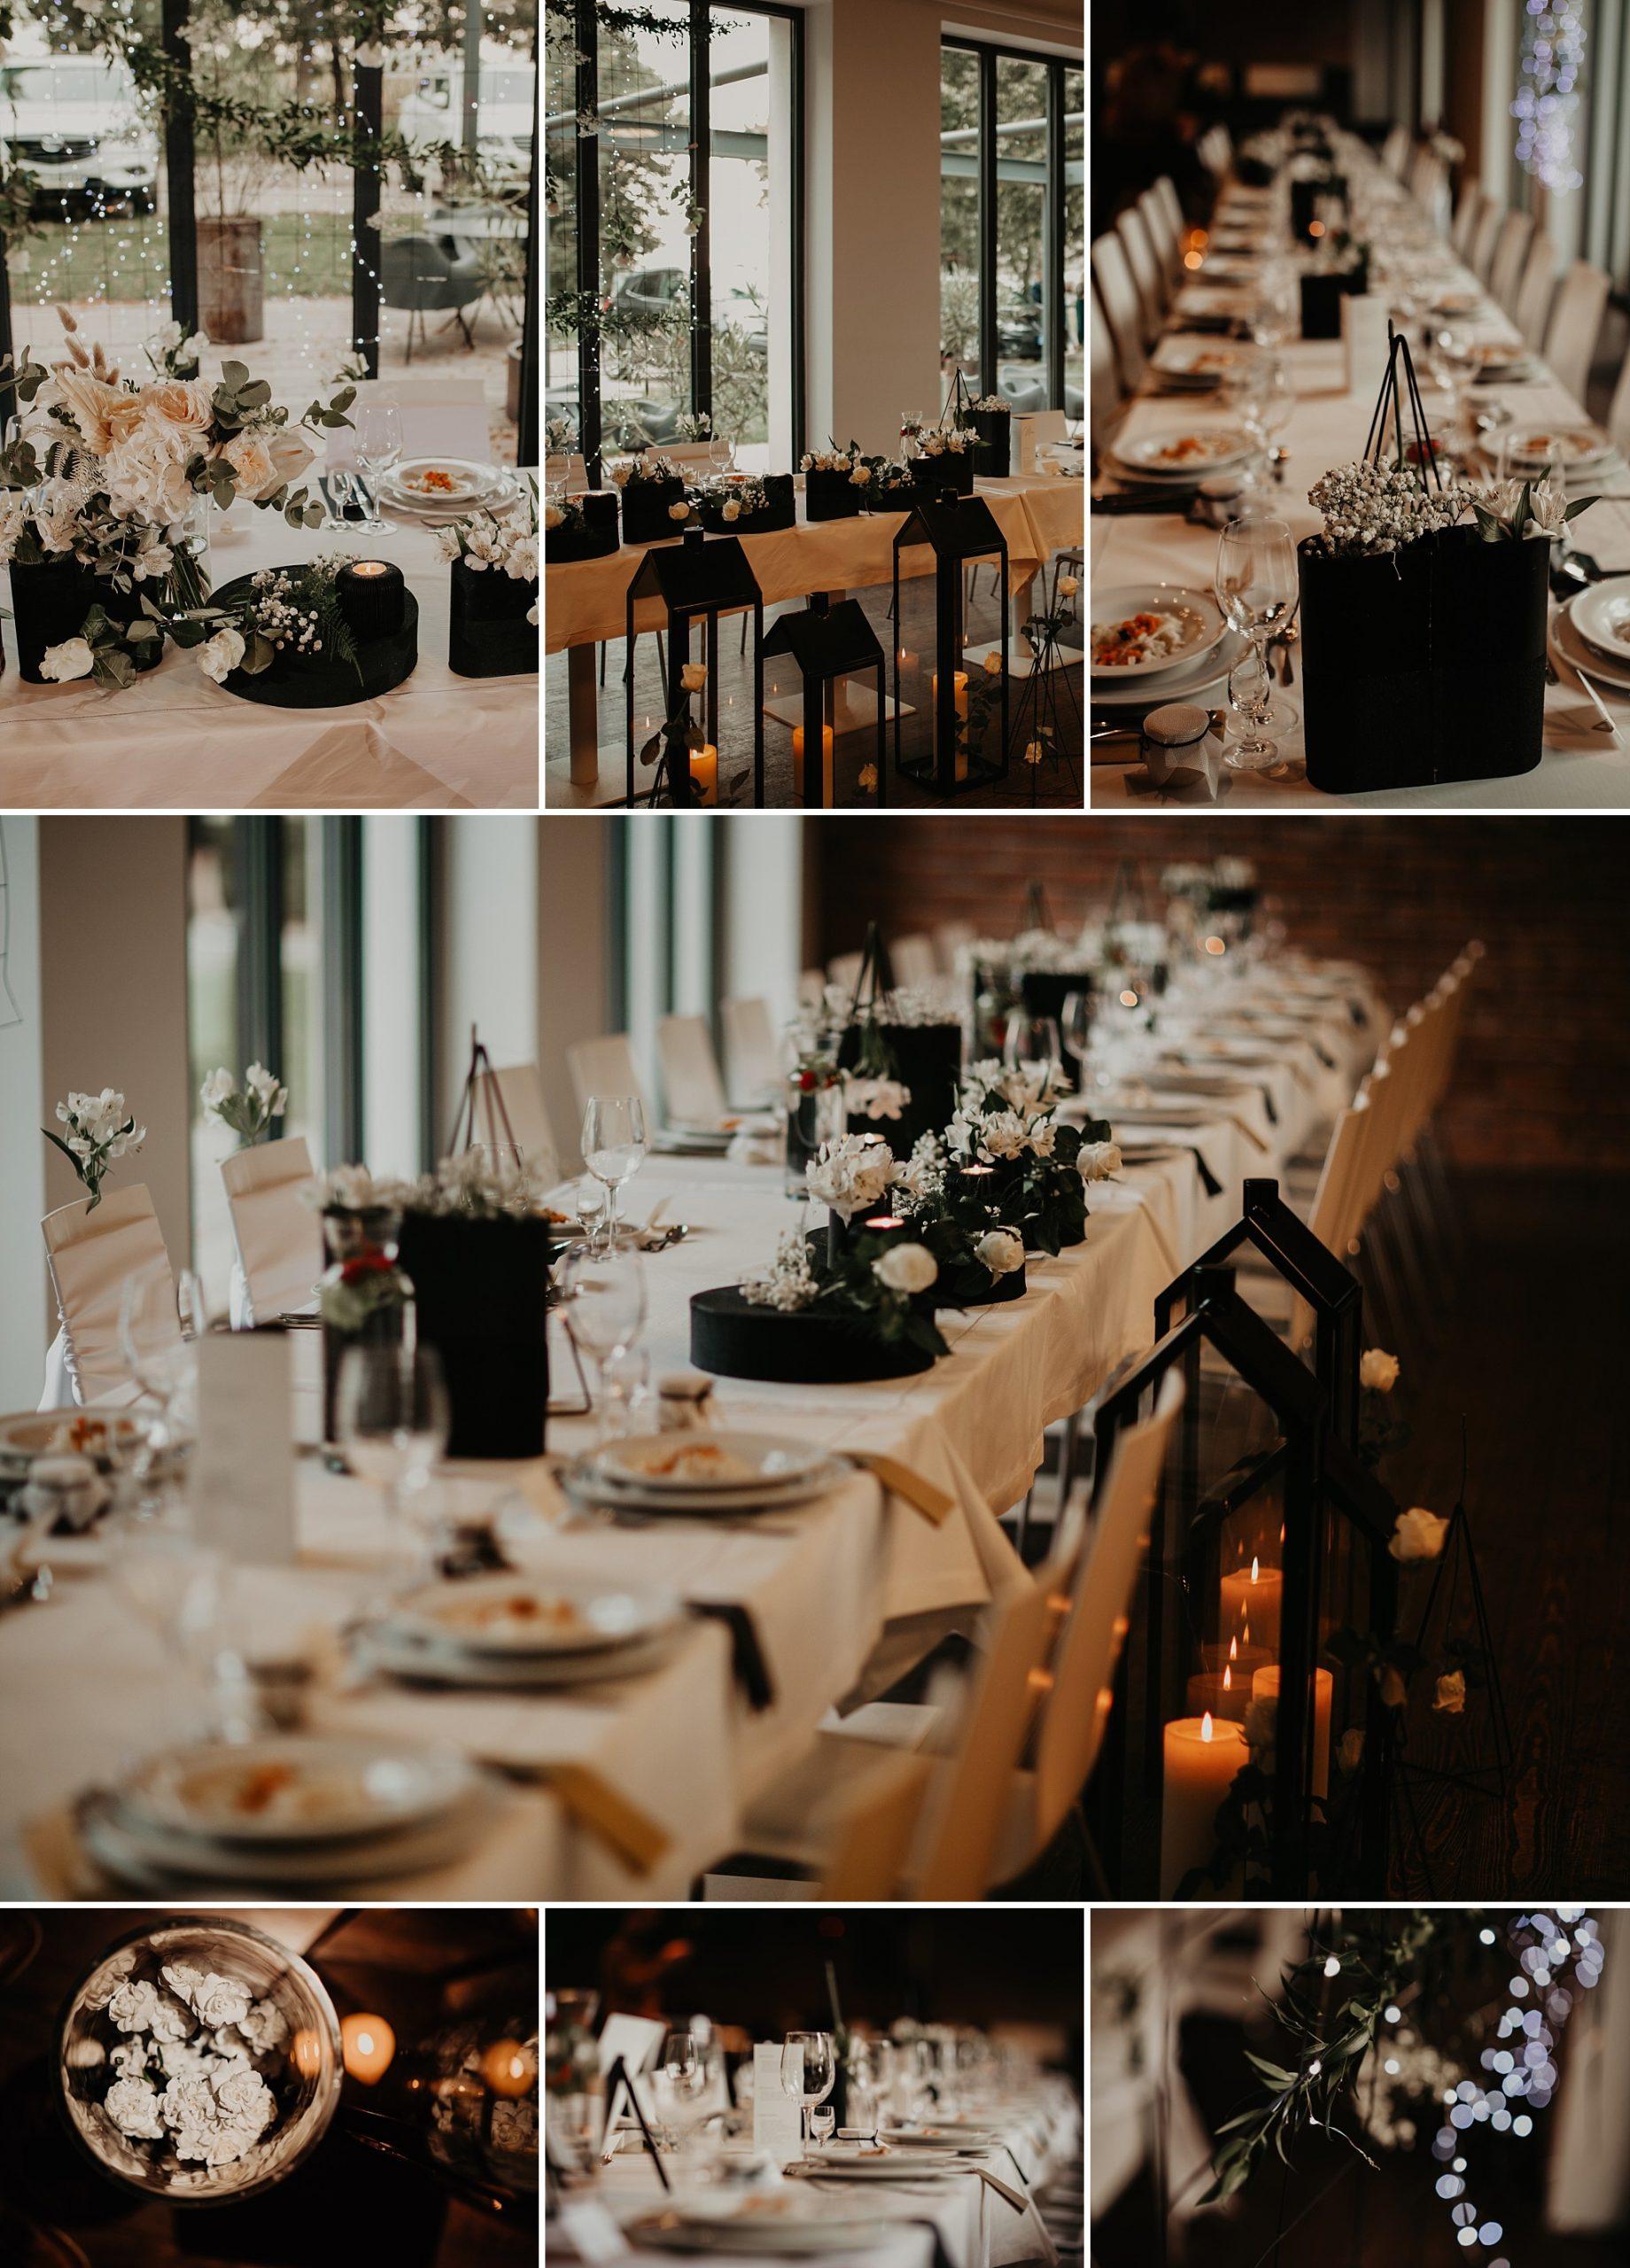 fotograf poznan wesele dobra truskawka piekne wesele pod poznaniem wesele w dobrej truskawce piekna para mloda slub marzen slub koronawirus slub listopad wesele koronawirus 245 scaled